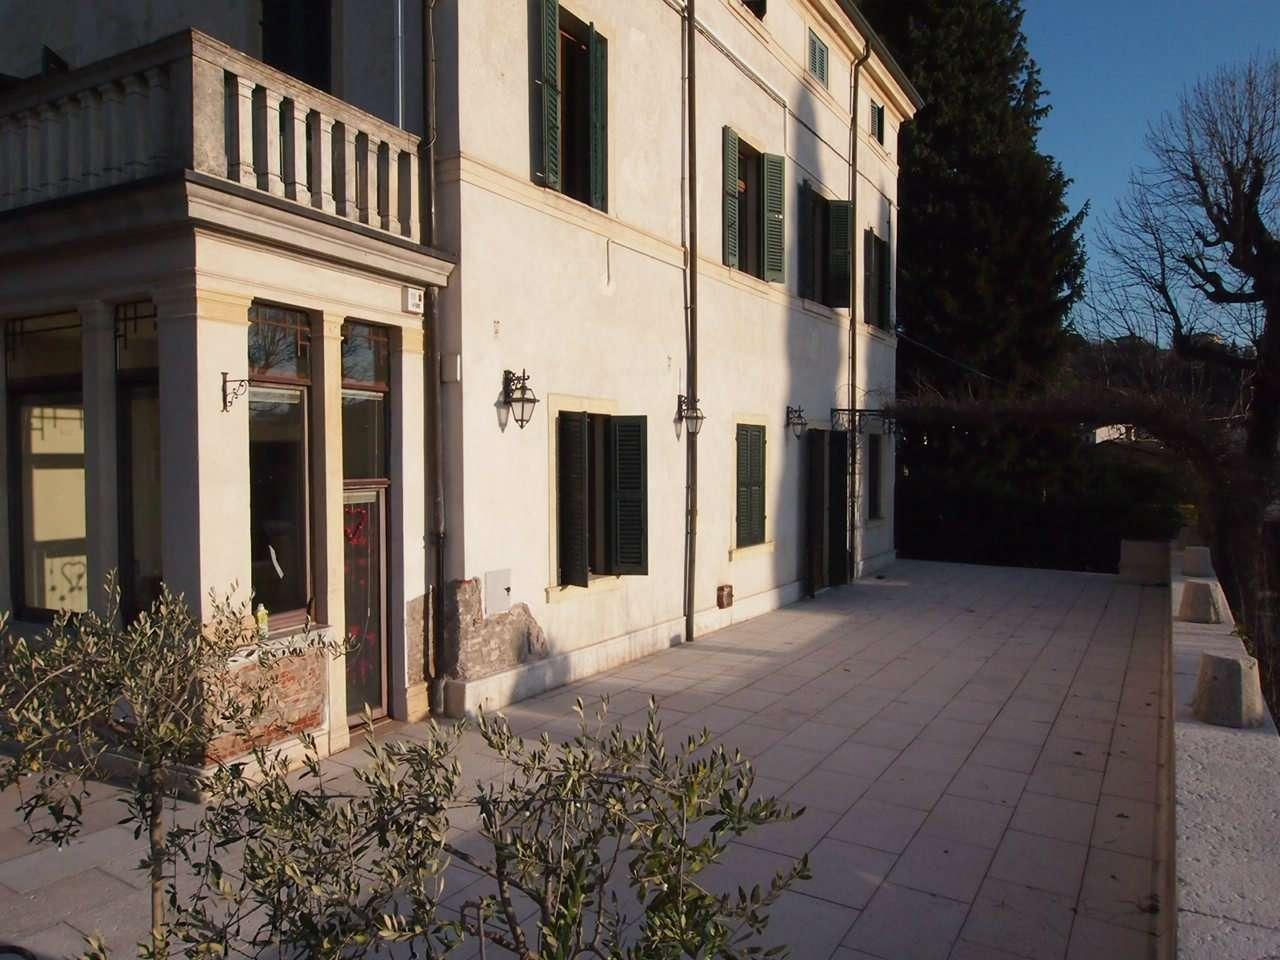 Appartamento in affitto a Verona, 8 locali, zona Zona: 6 . Borgo Trieste - Borgo Venezia, prezzo € 2.500 | CambioCasa.it